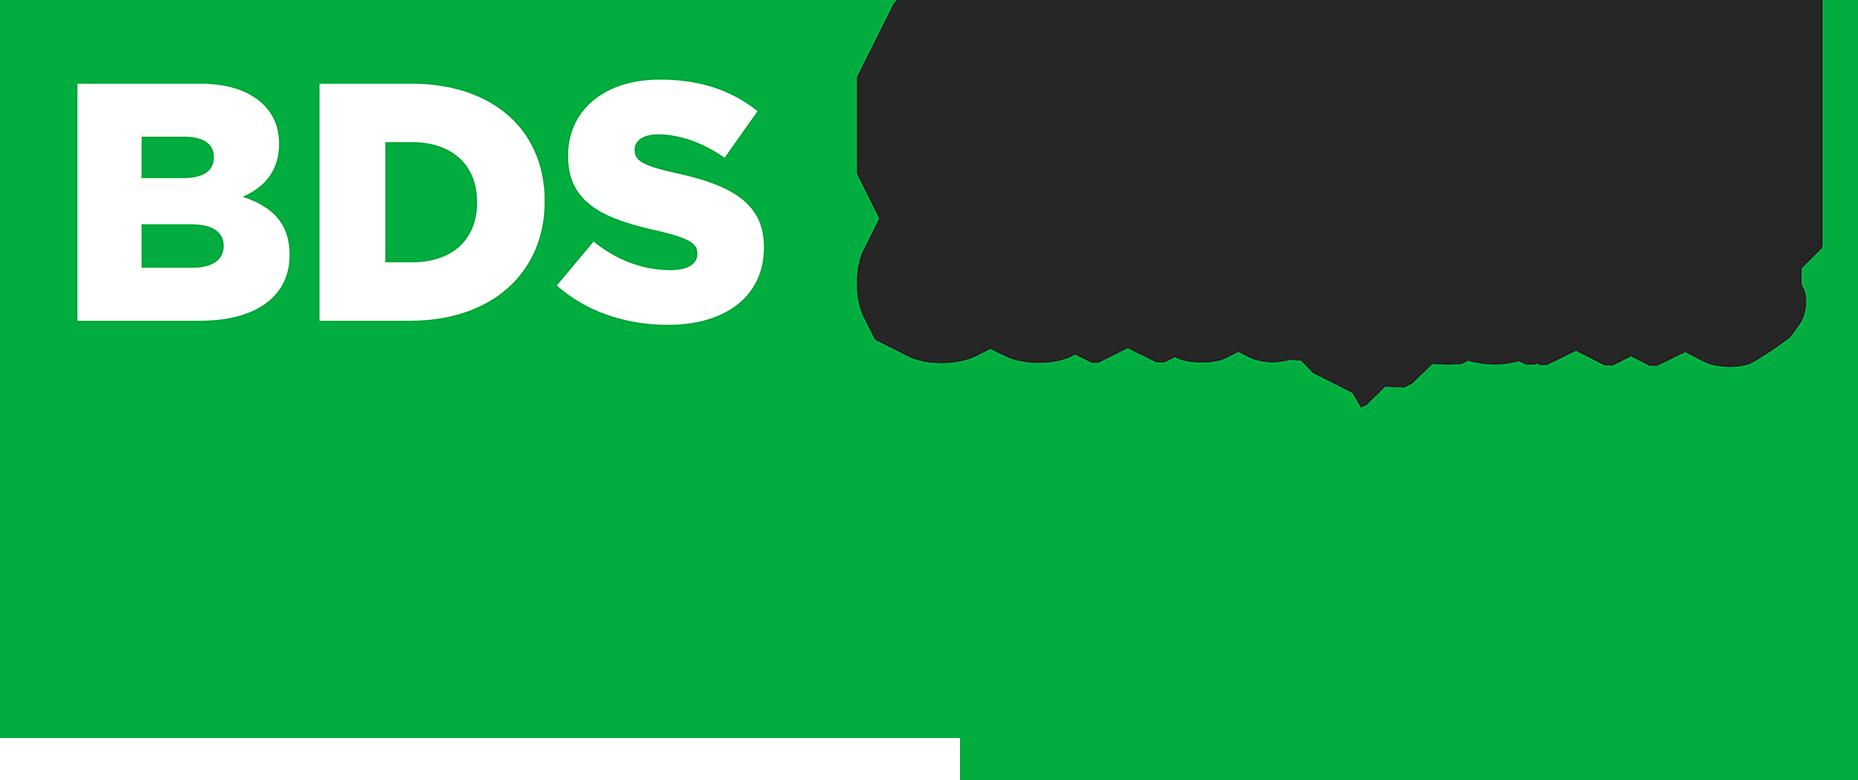 Cours d'anglais personnalisés pour booster votre niveau